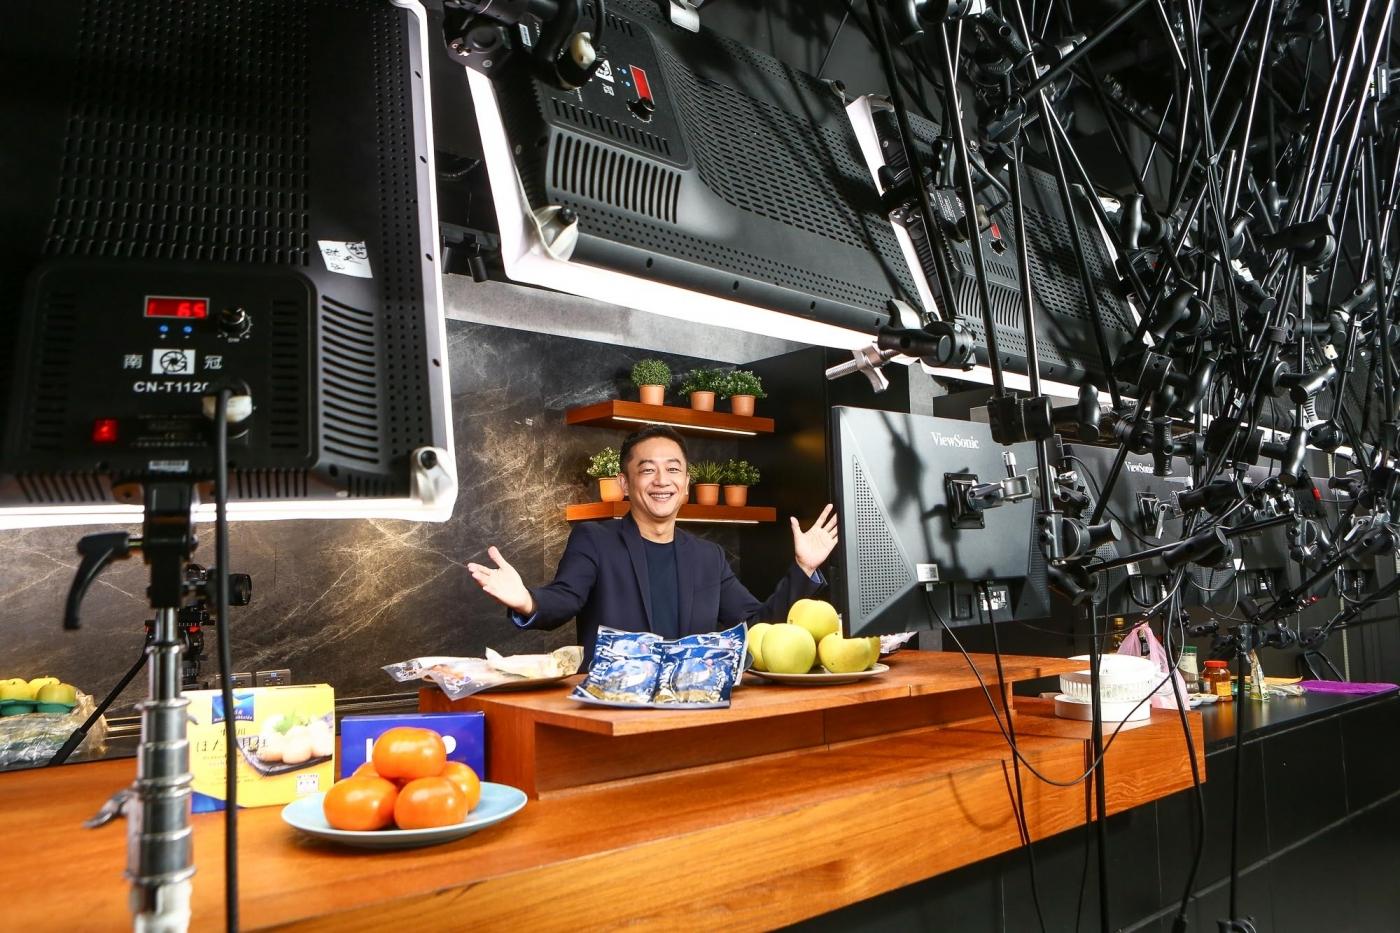 年賣4500公噸鯖魚,陳昭榮把「八點檔哲學」搬進直播電商!刺激收視率要靠3大心法